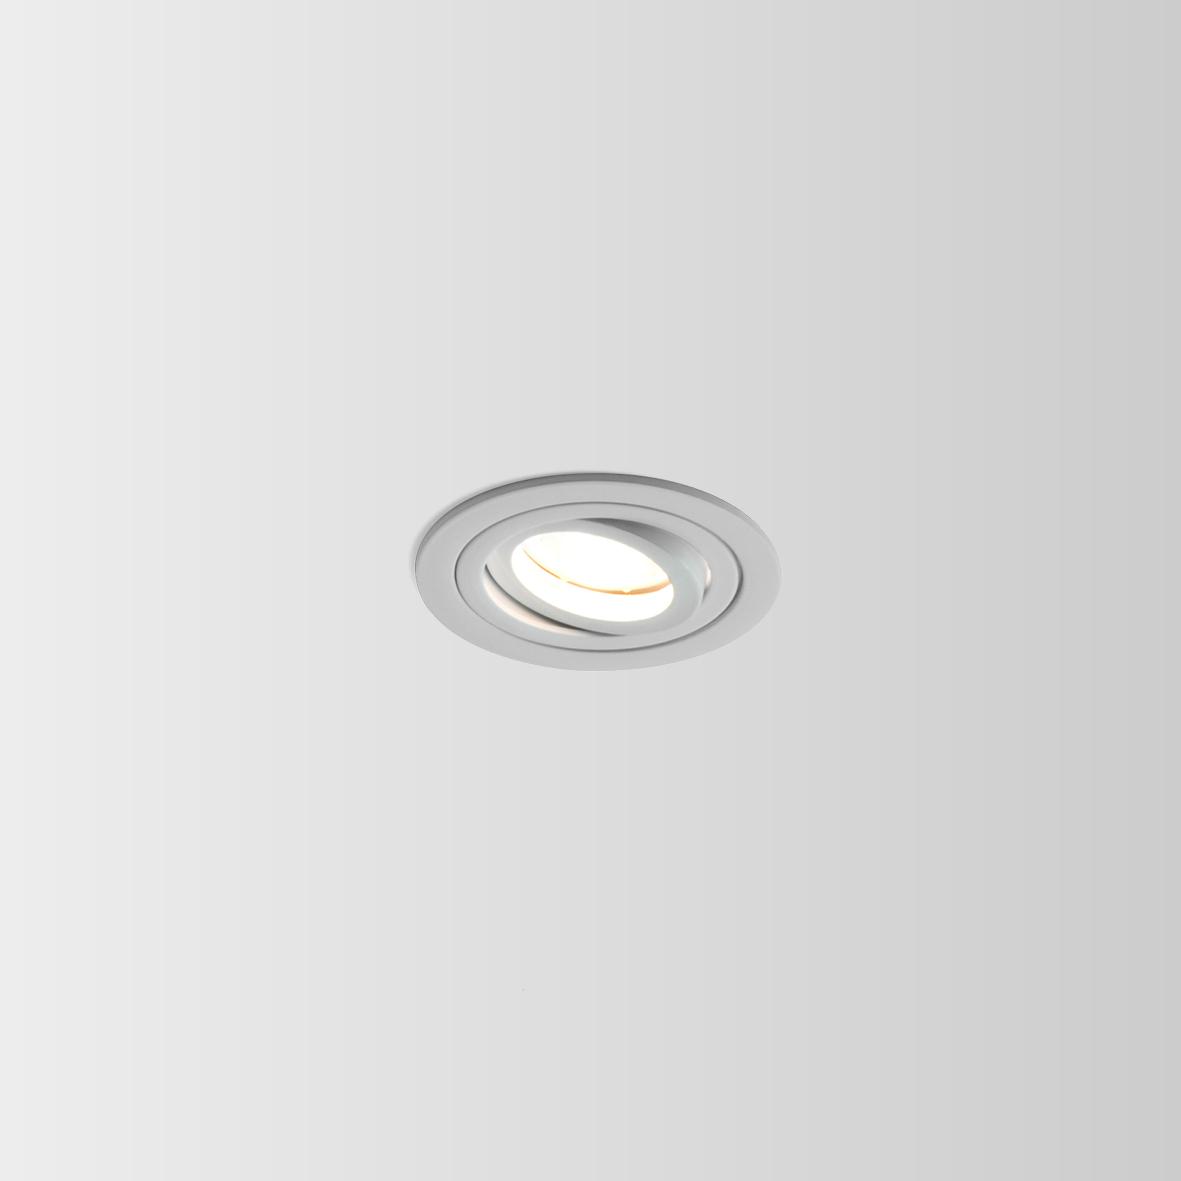 SPINO 1.0 MR16 MATT KROOM MAX 50W GU5.3 12V